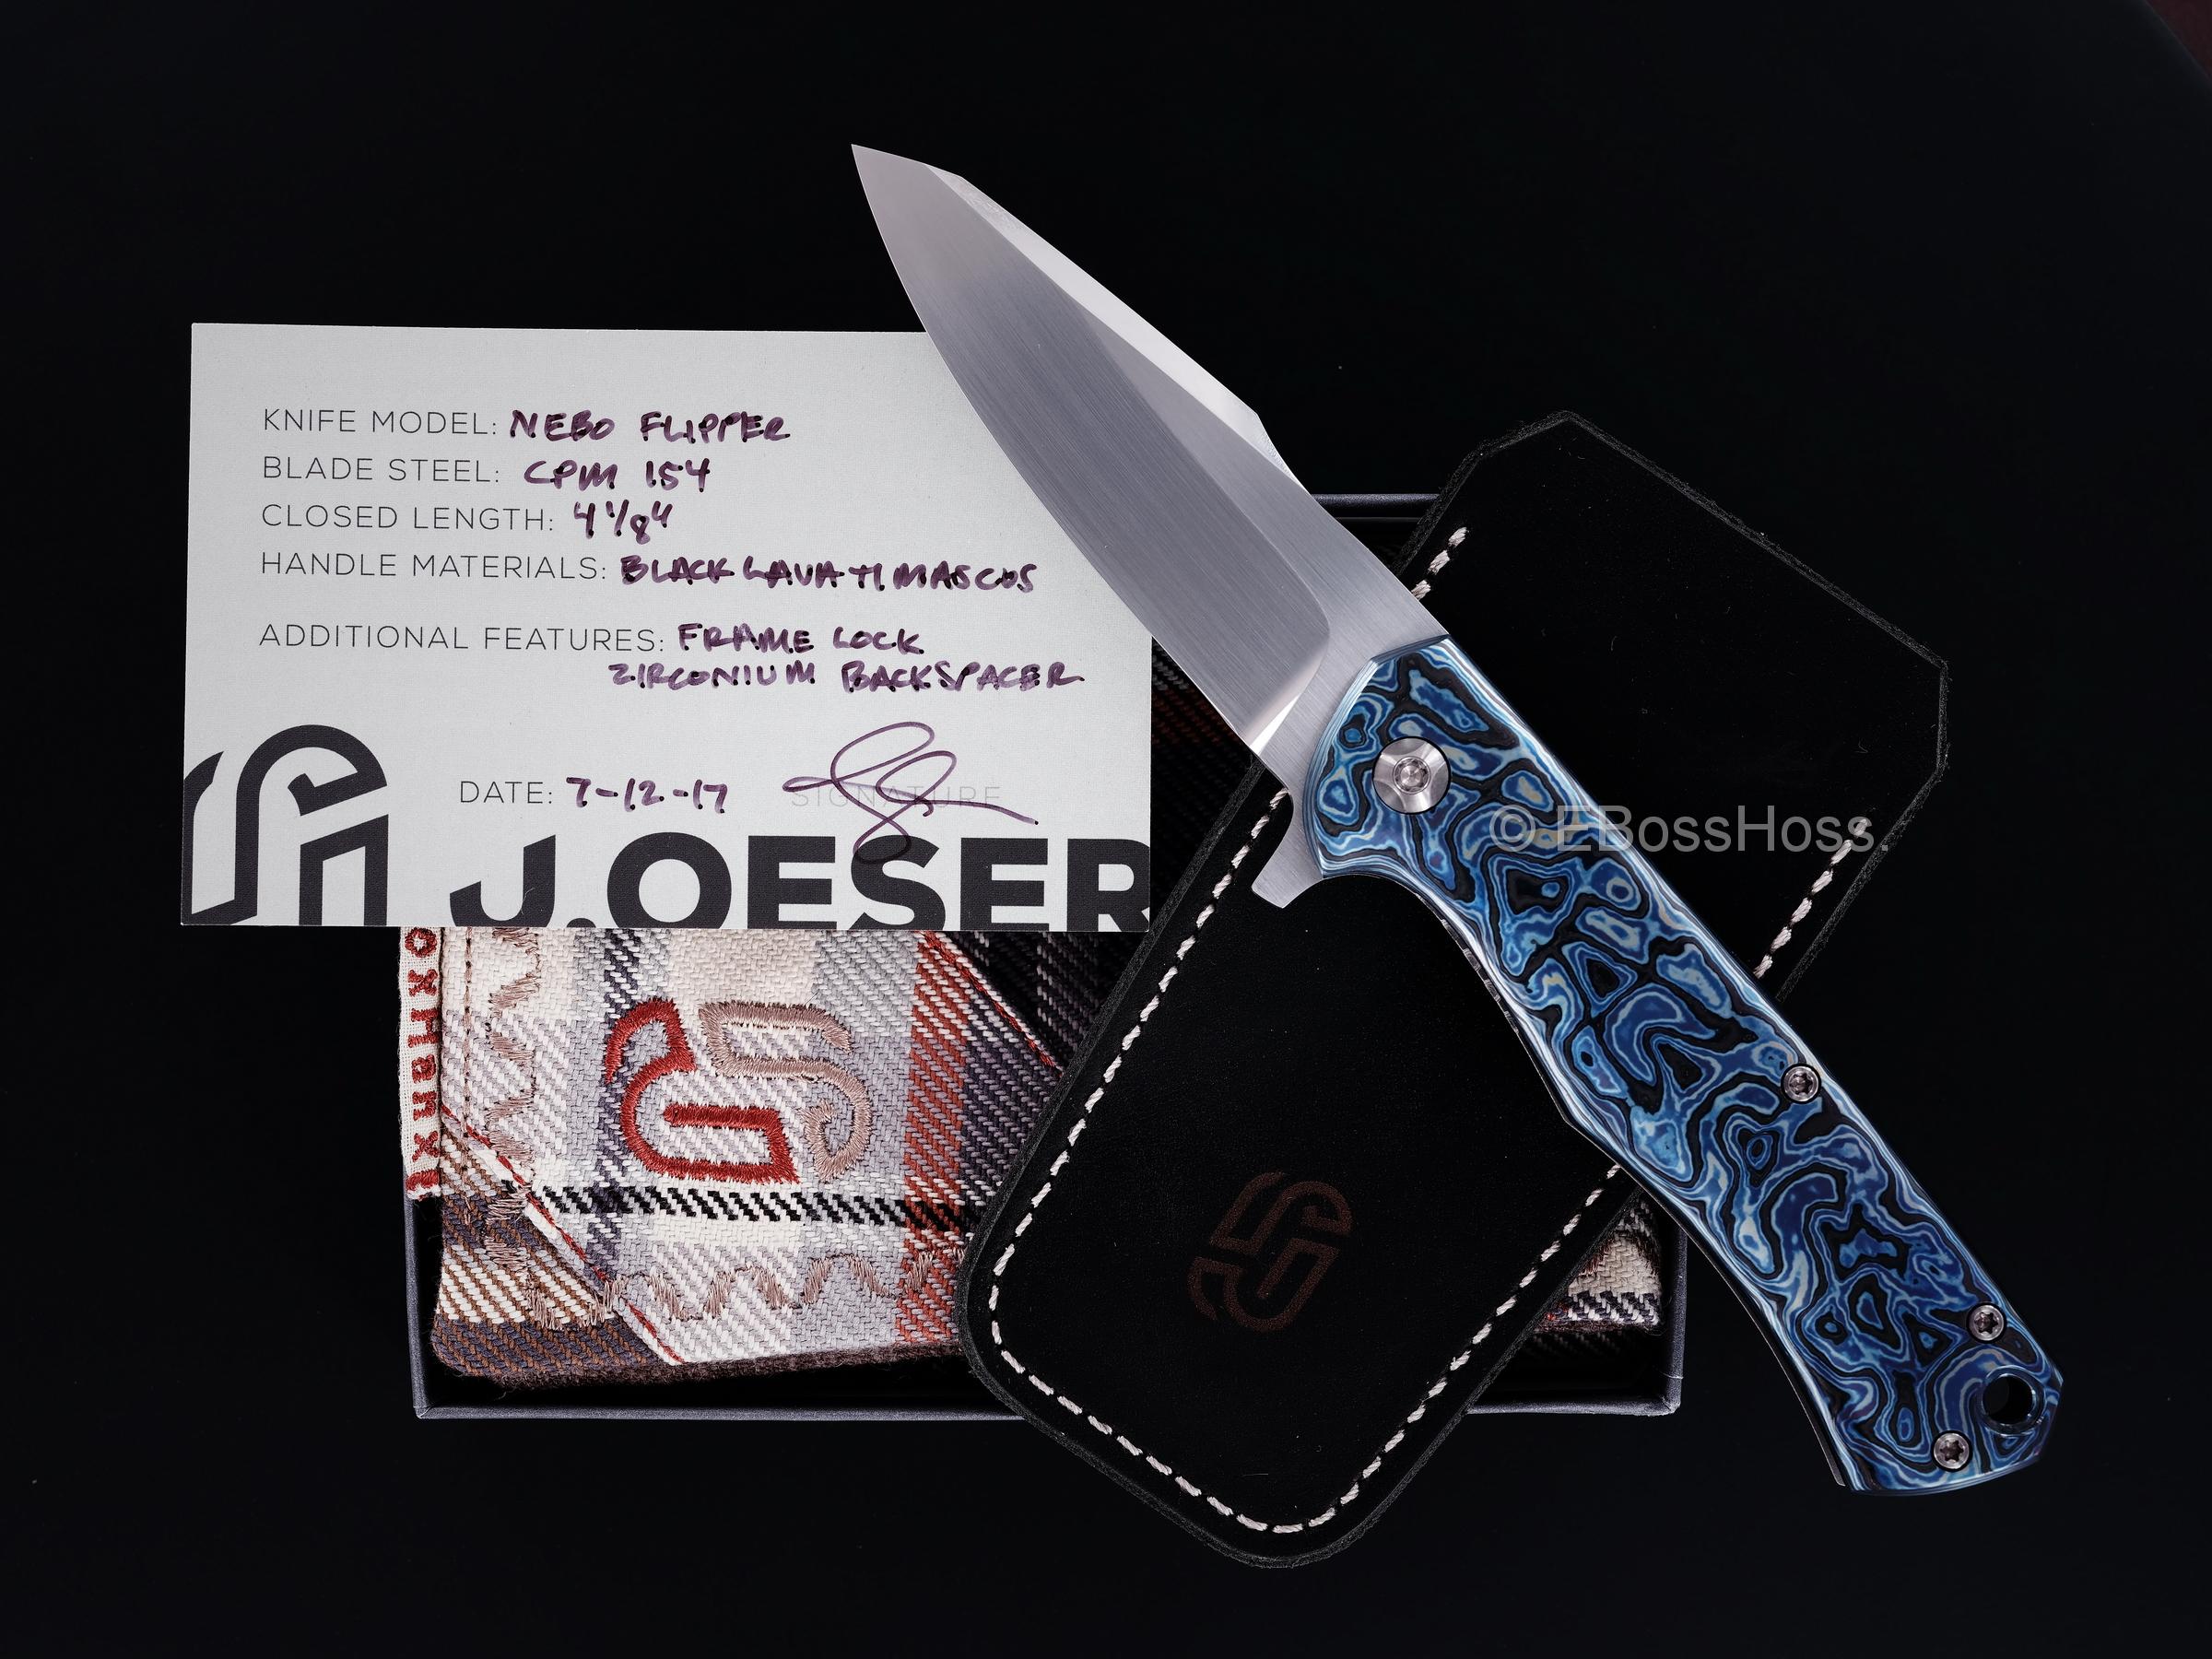 Jared Oeser Custom Deluxe Nebo Flipper